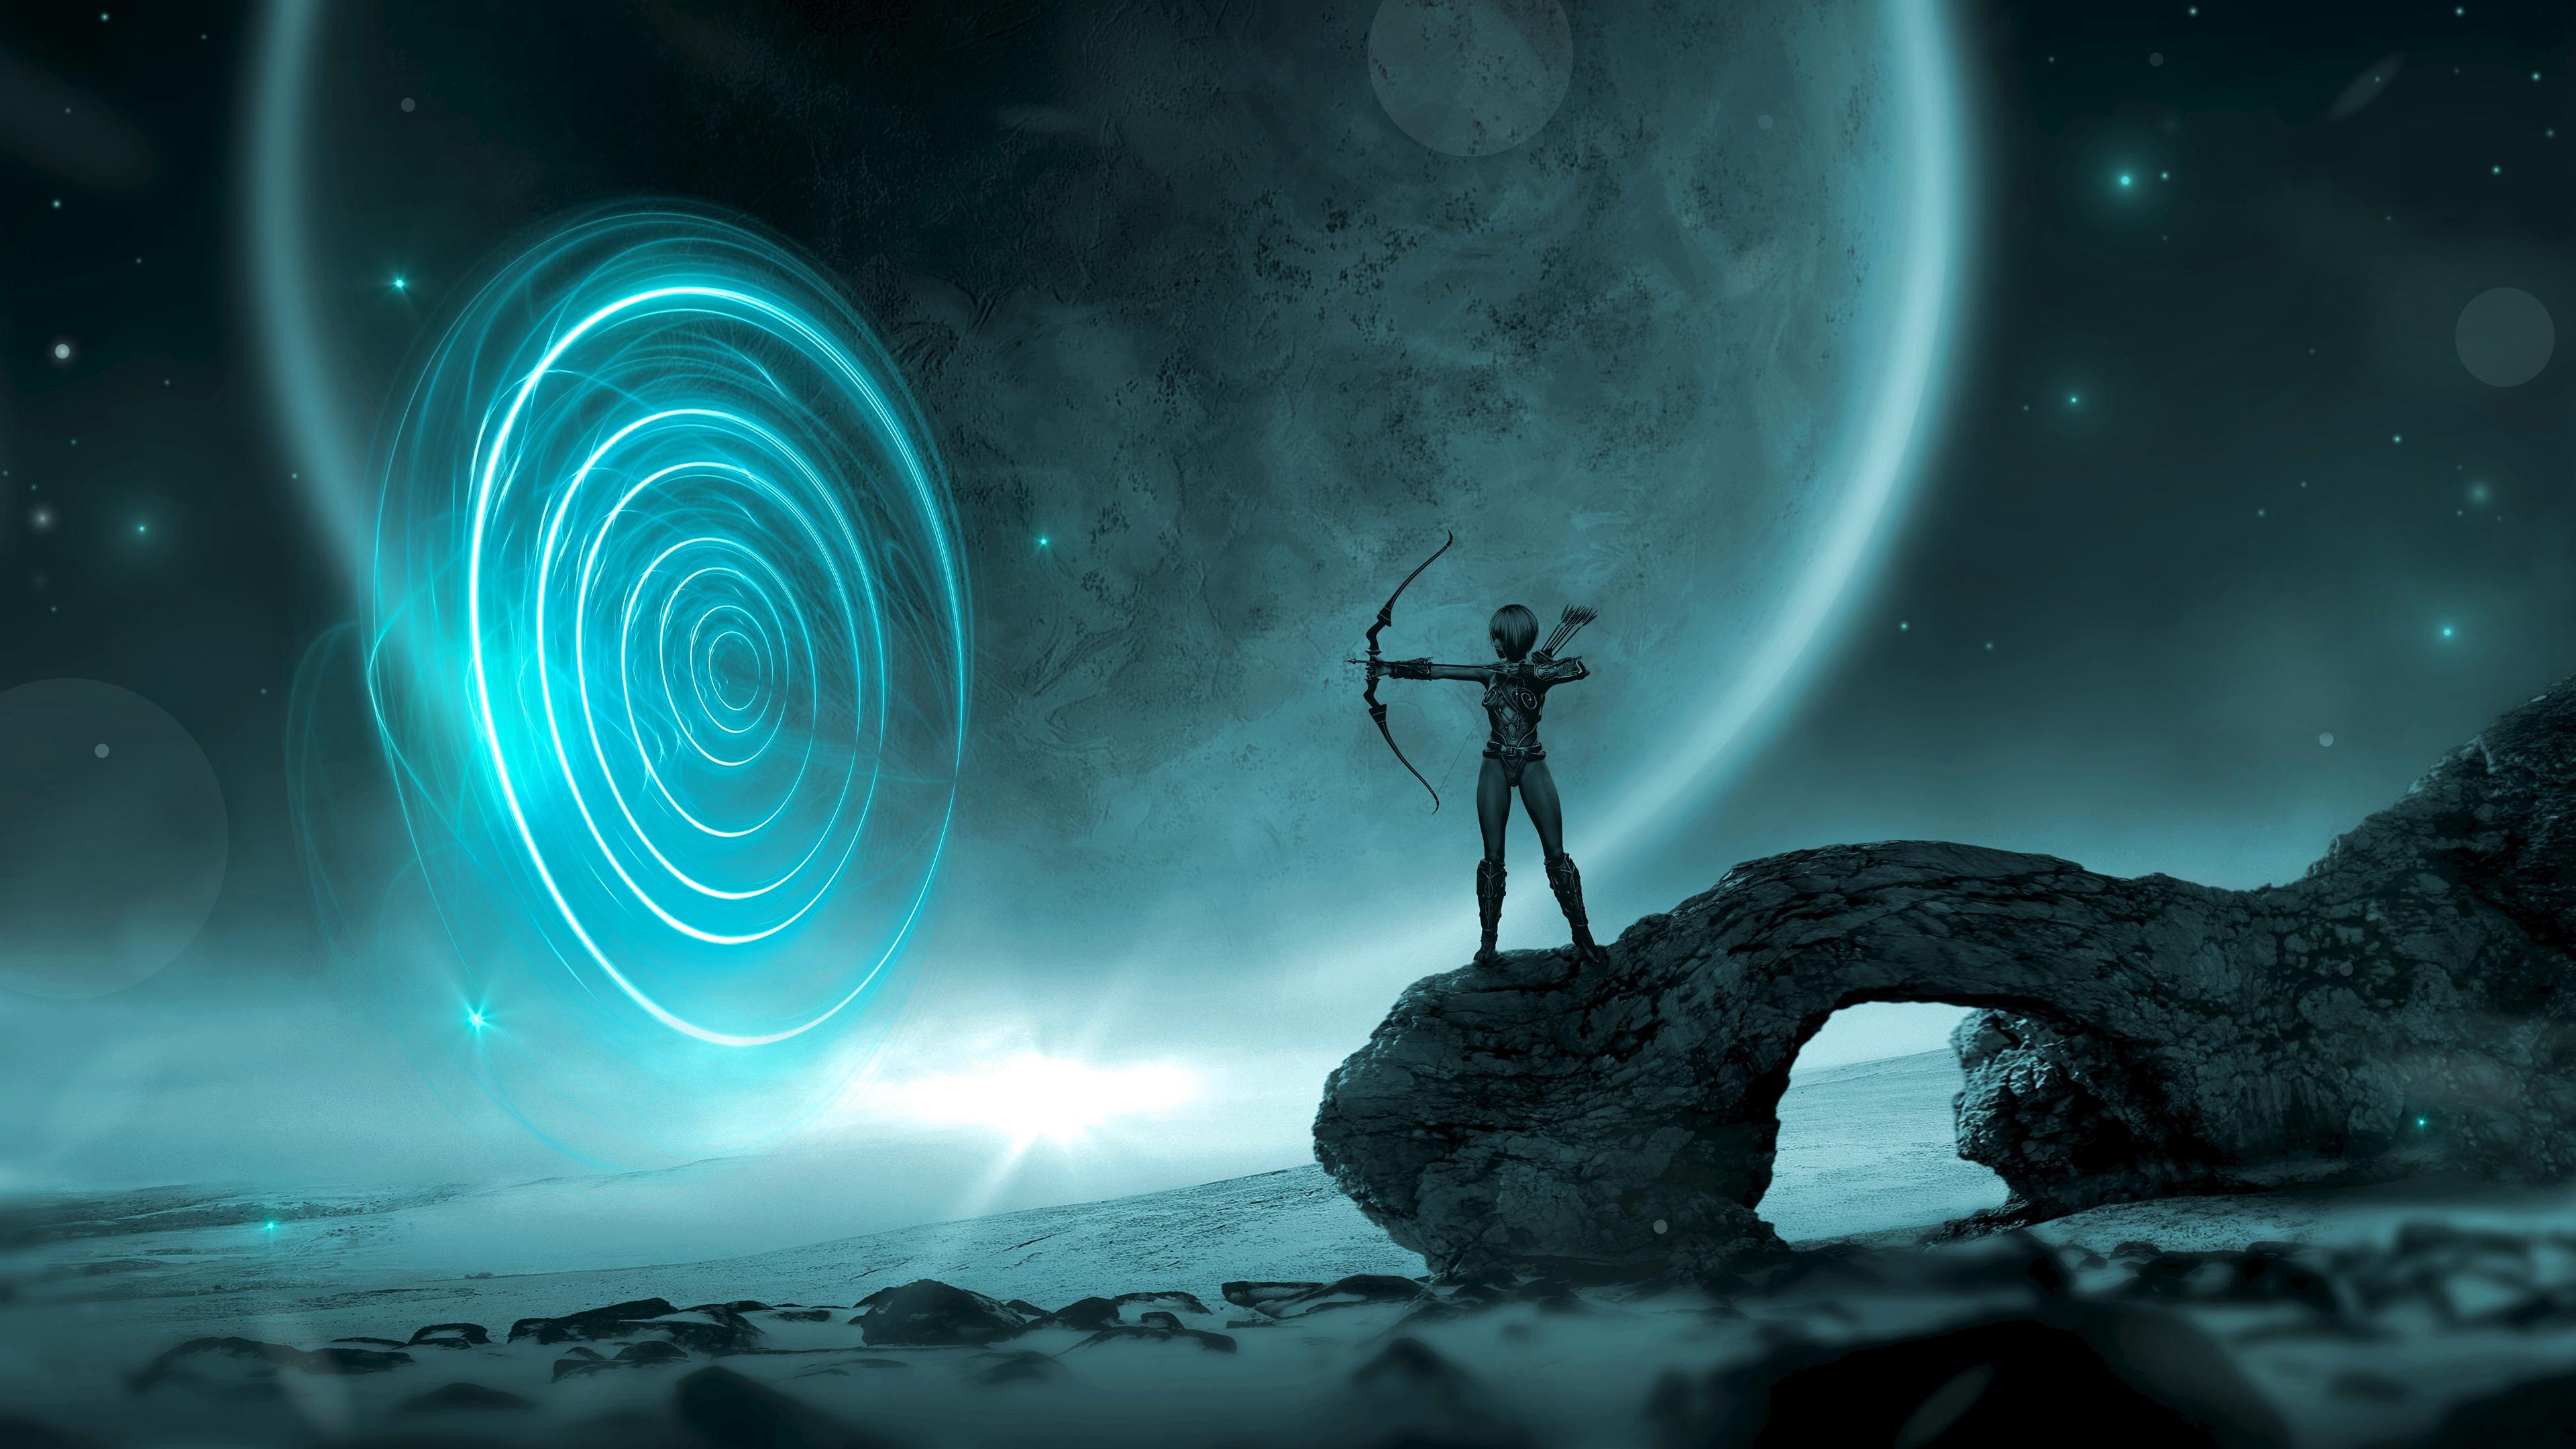 Звездная вселенная и инопланетянин